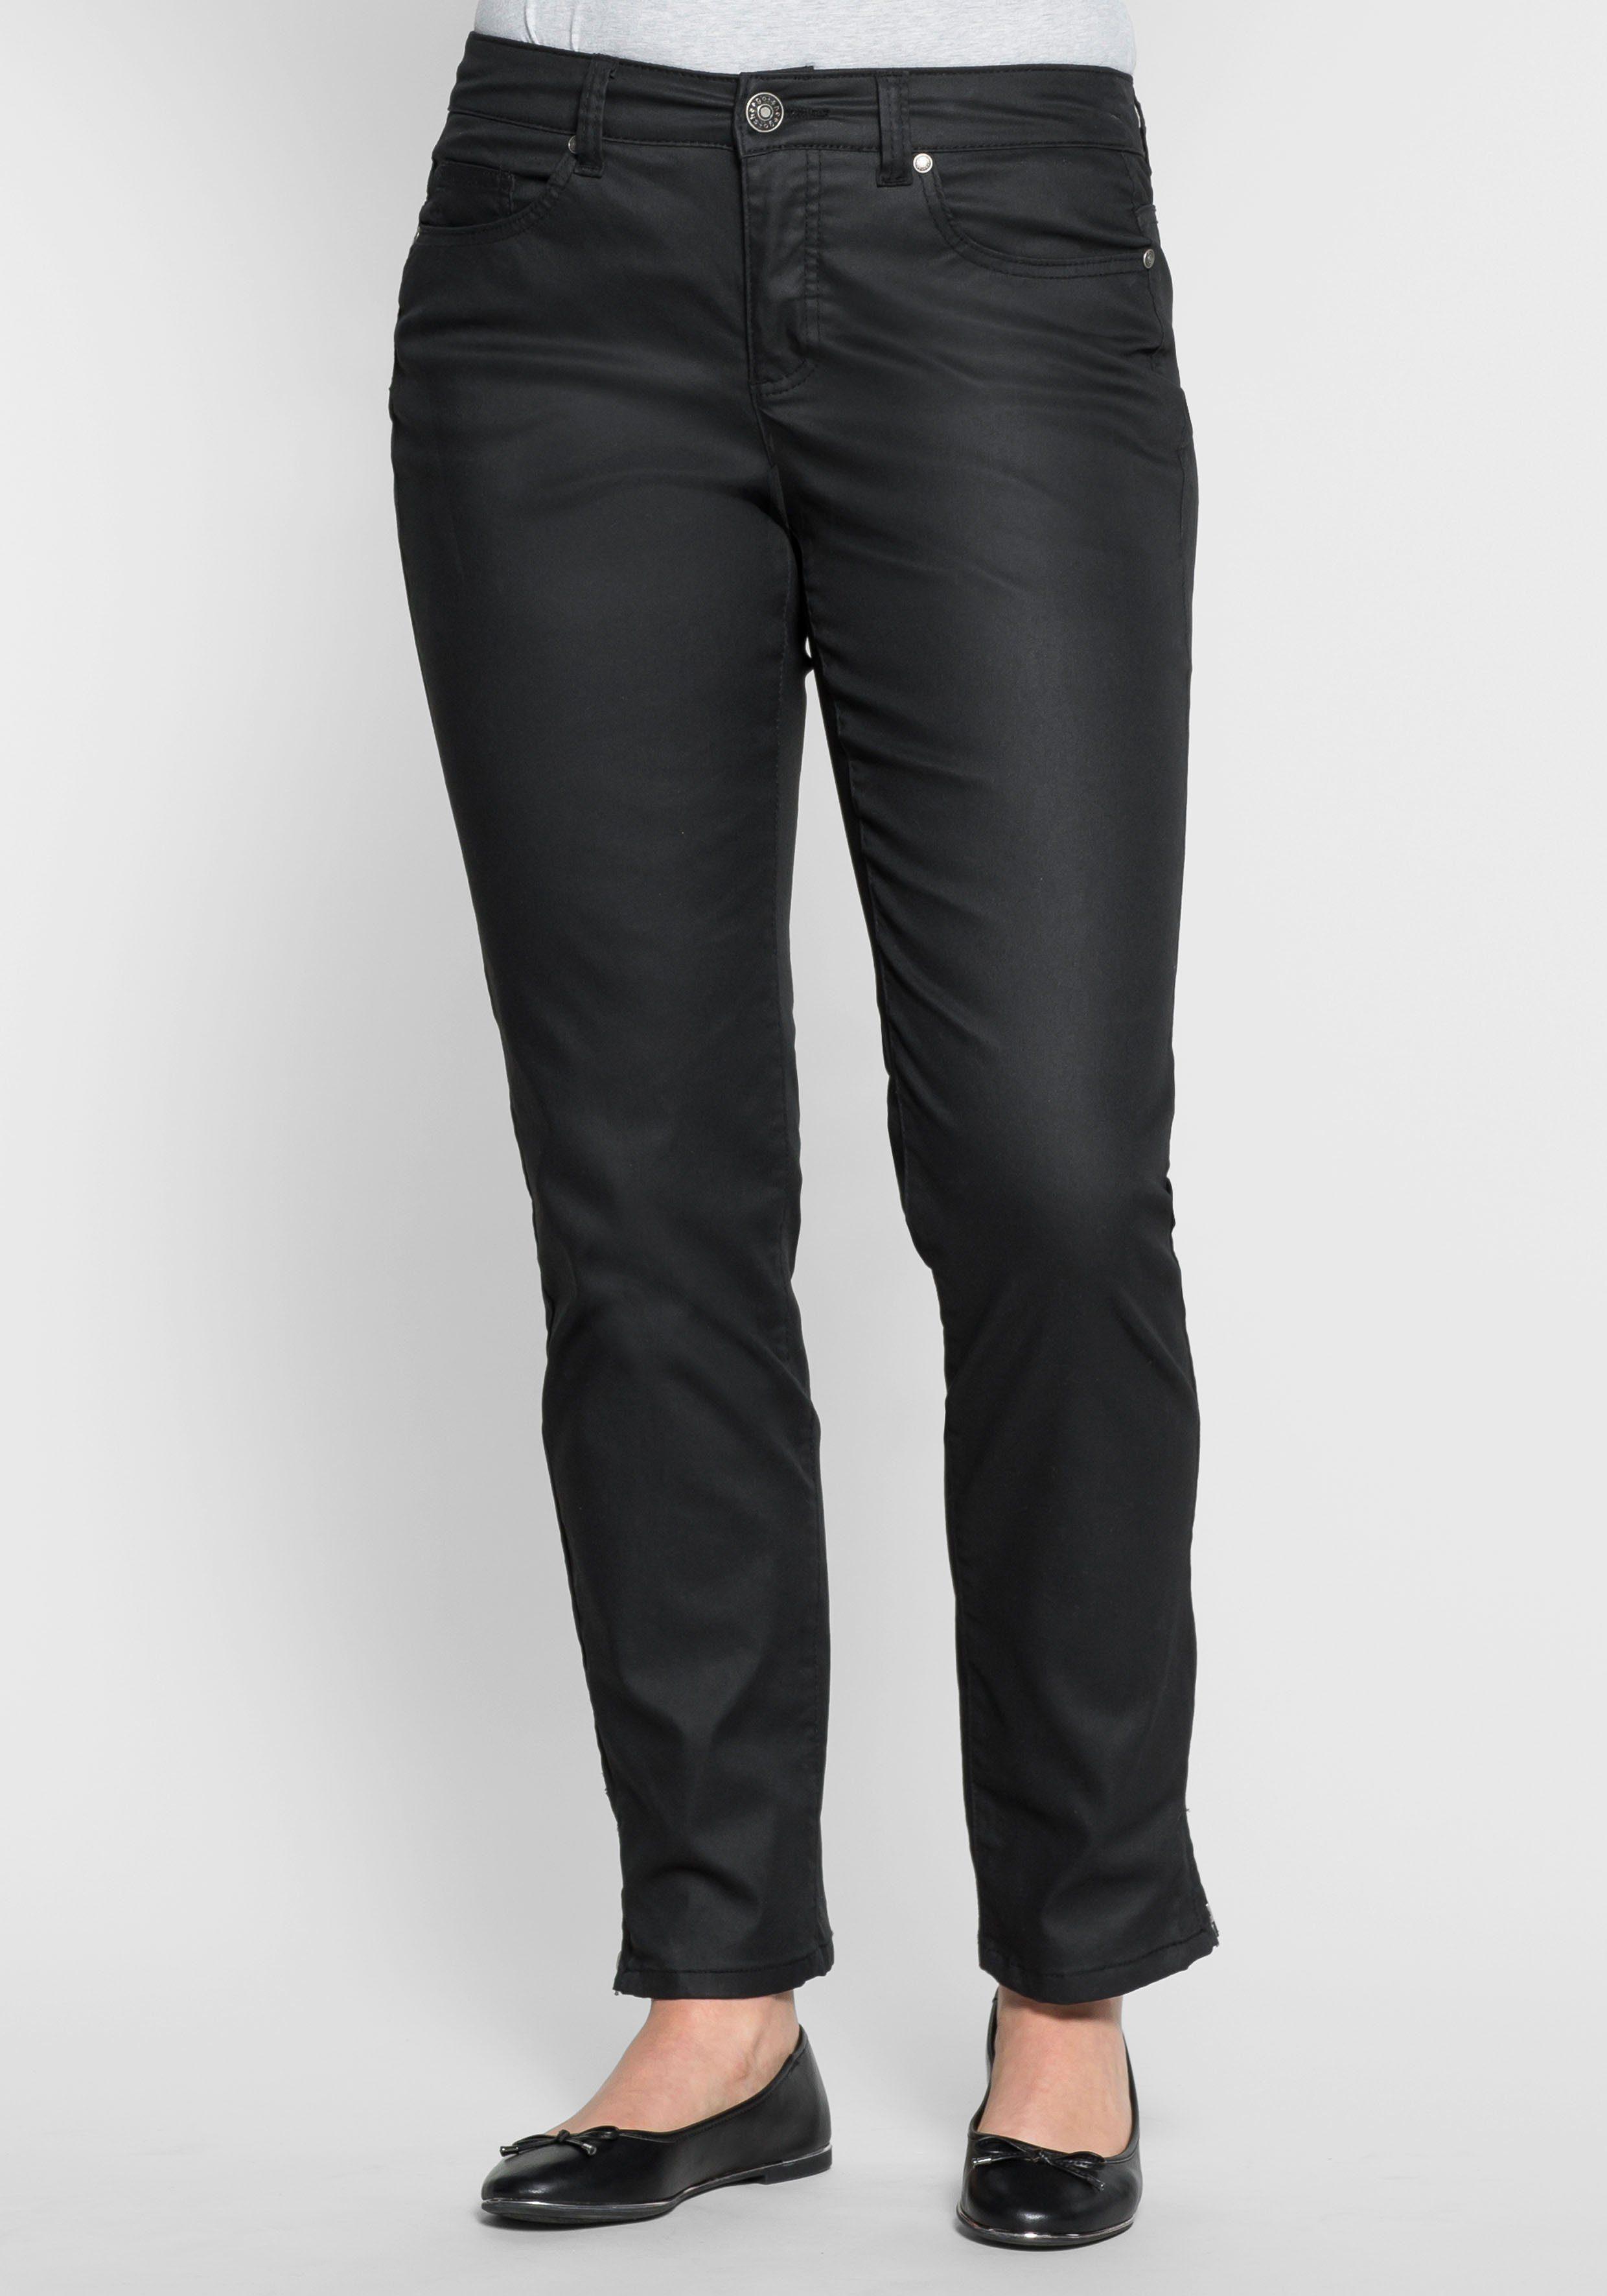 sheego Casual 5-Pocket-Hose Preisvergleich